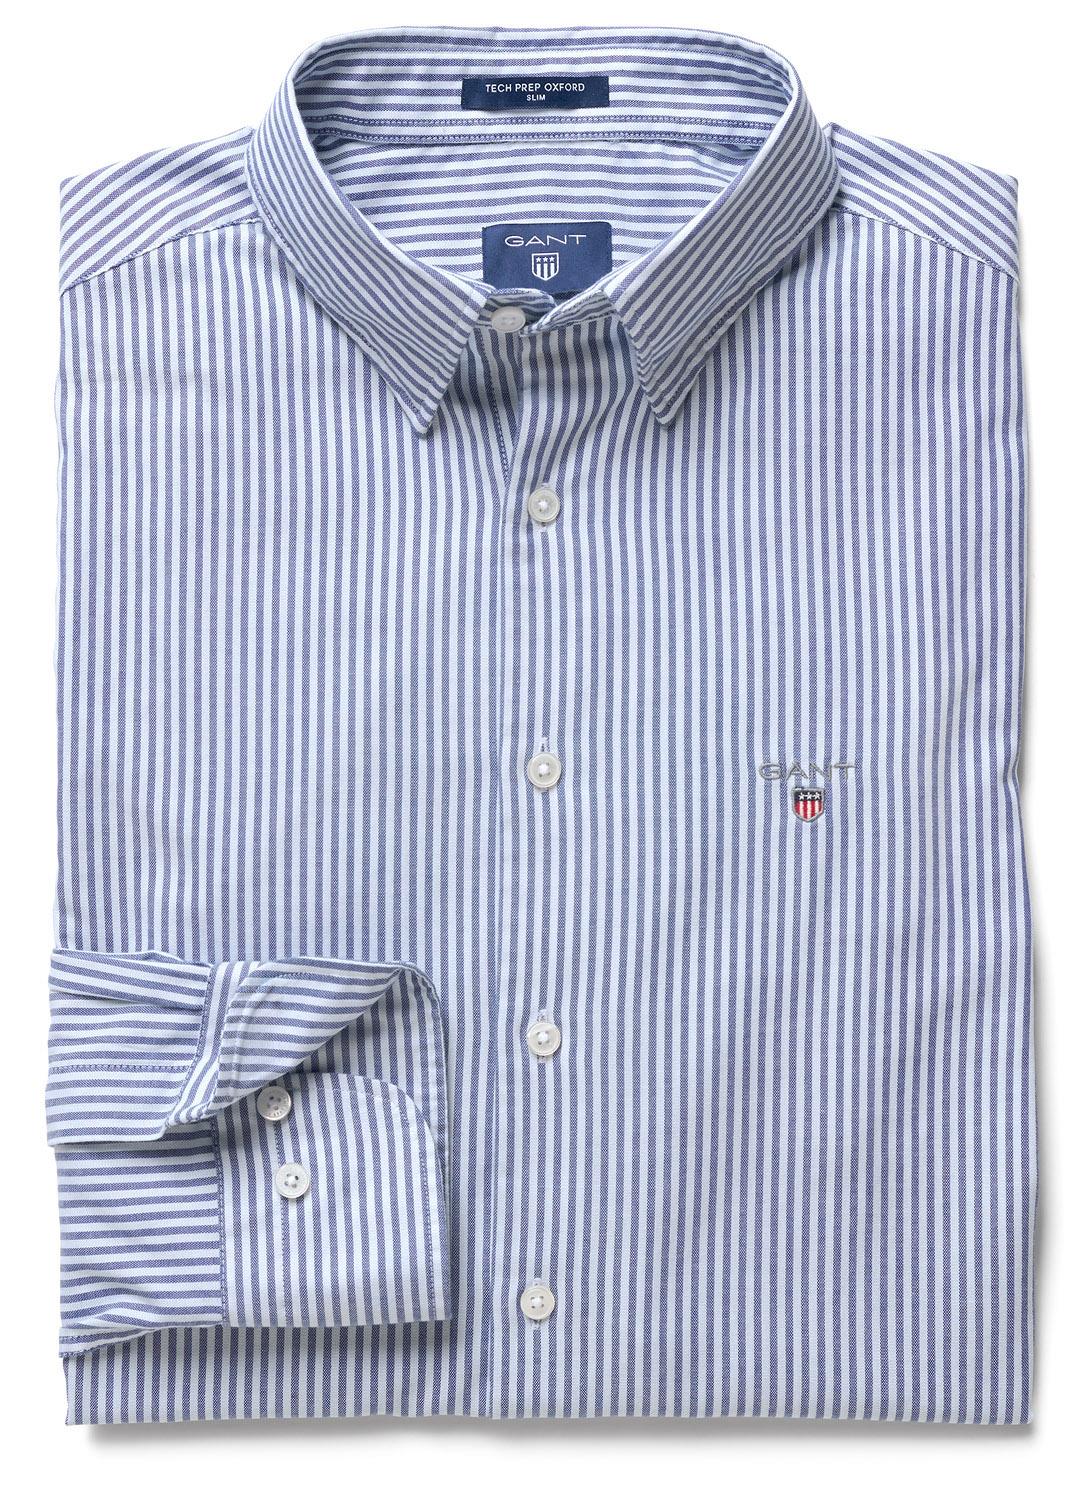 Gant - TP Oxford Stripe Gant - TP Oxford Stripe ... e0a9a49b932e3